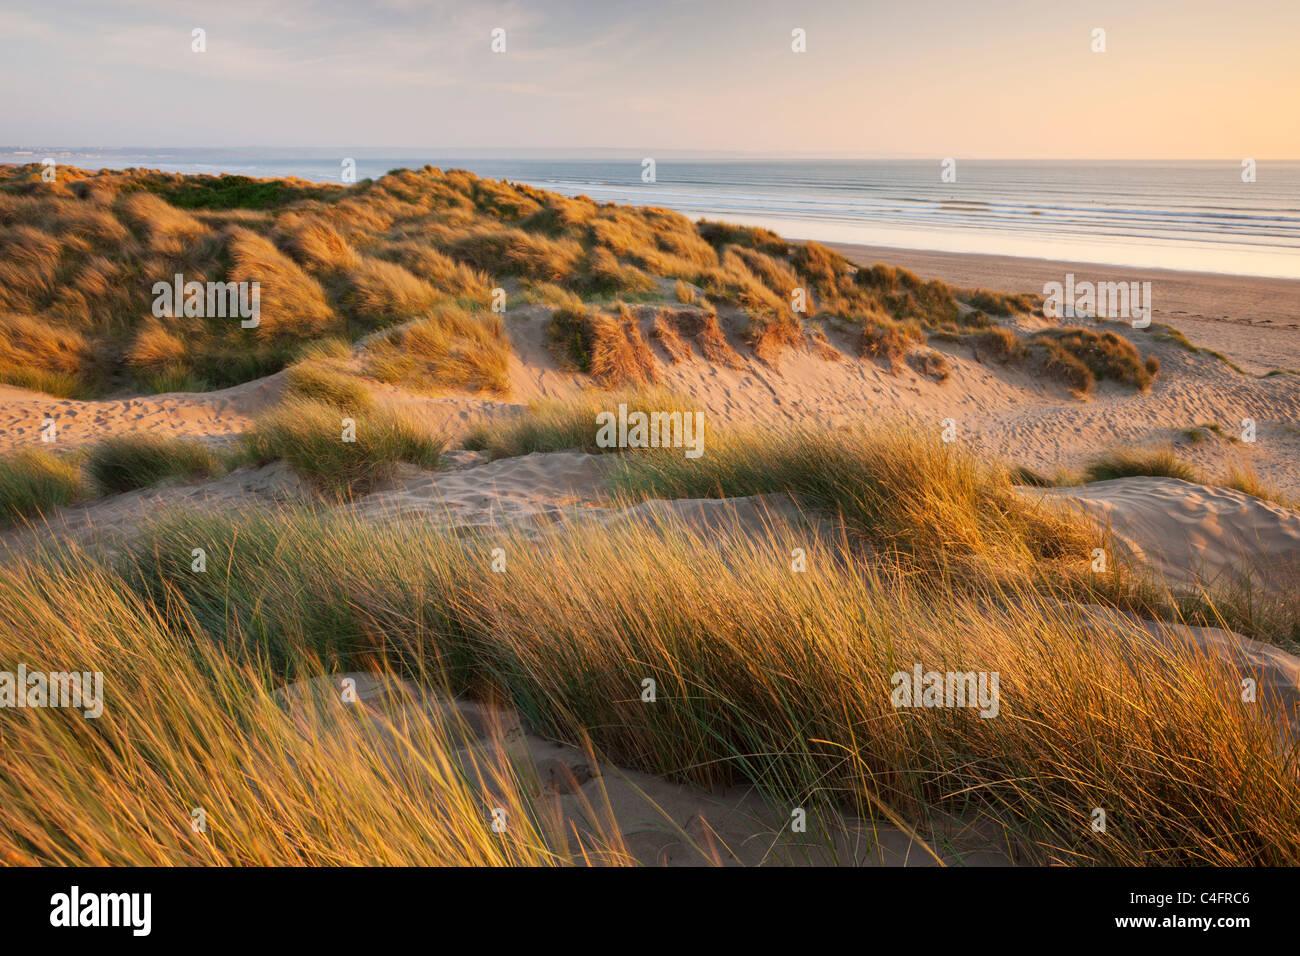 L'ammophile sur les dunes de sable de Braunton Burrows, regard vers Saunton Sands, Devon, Angleterre. En été Photo Stock